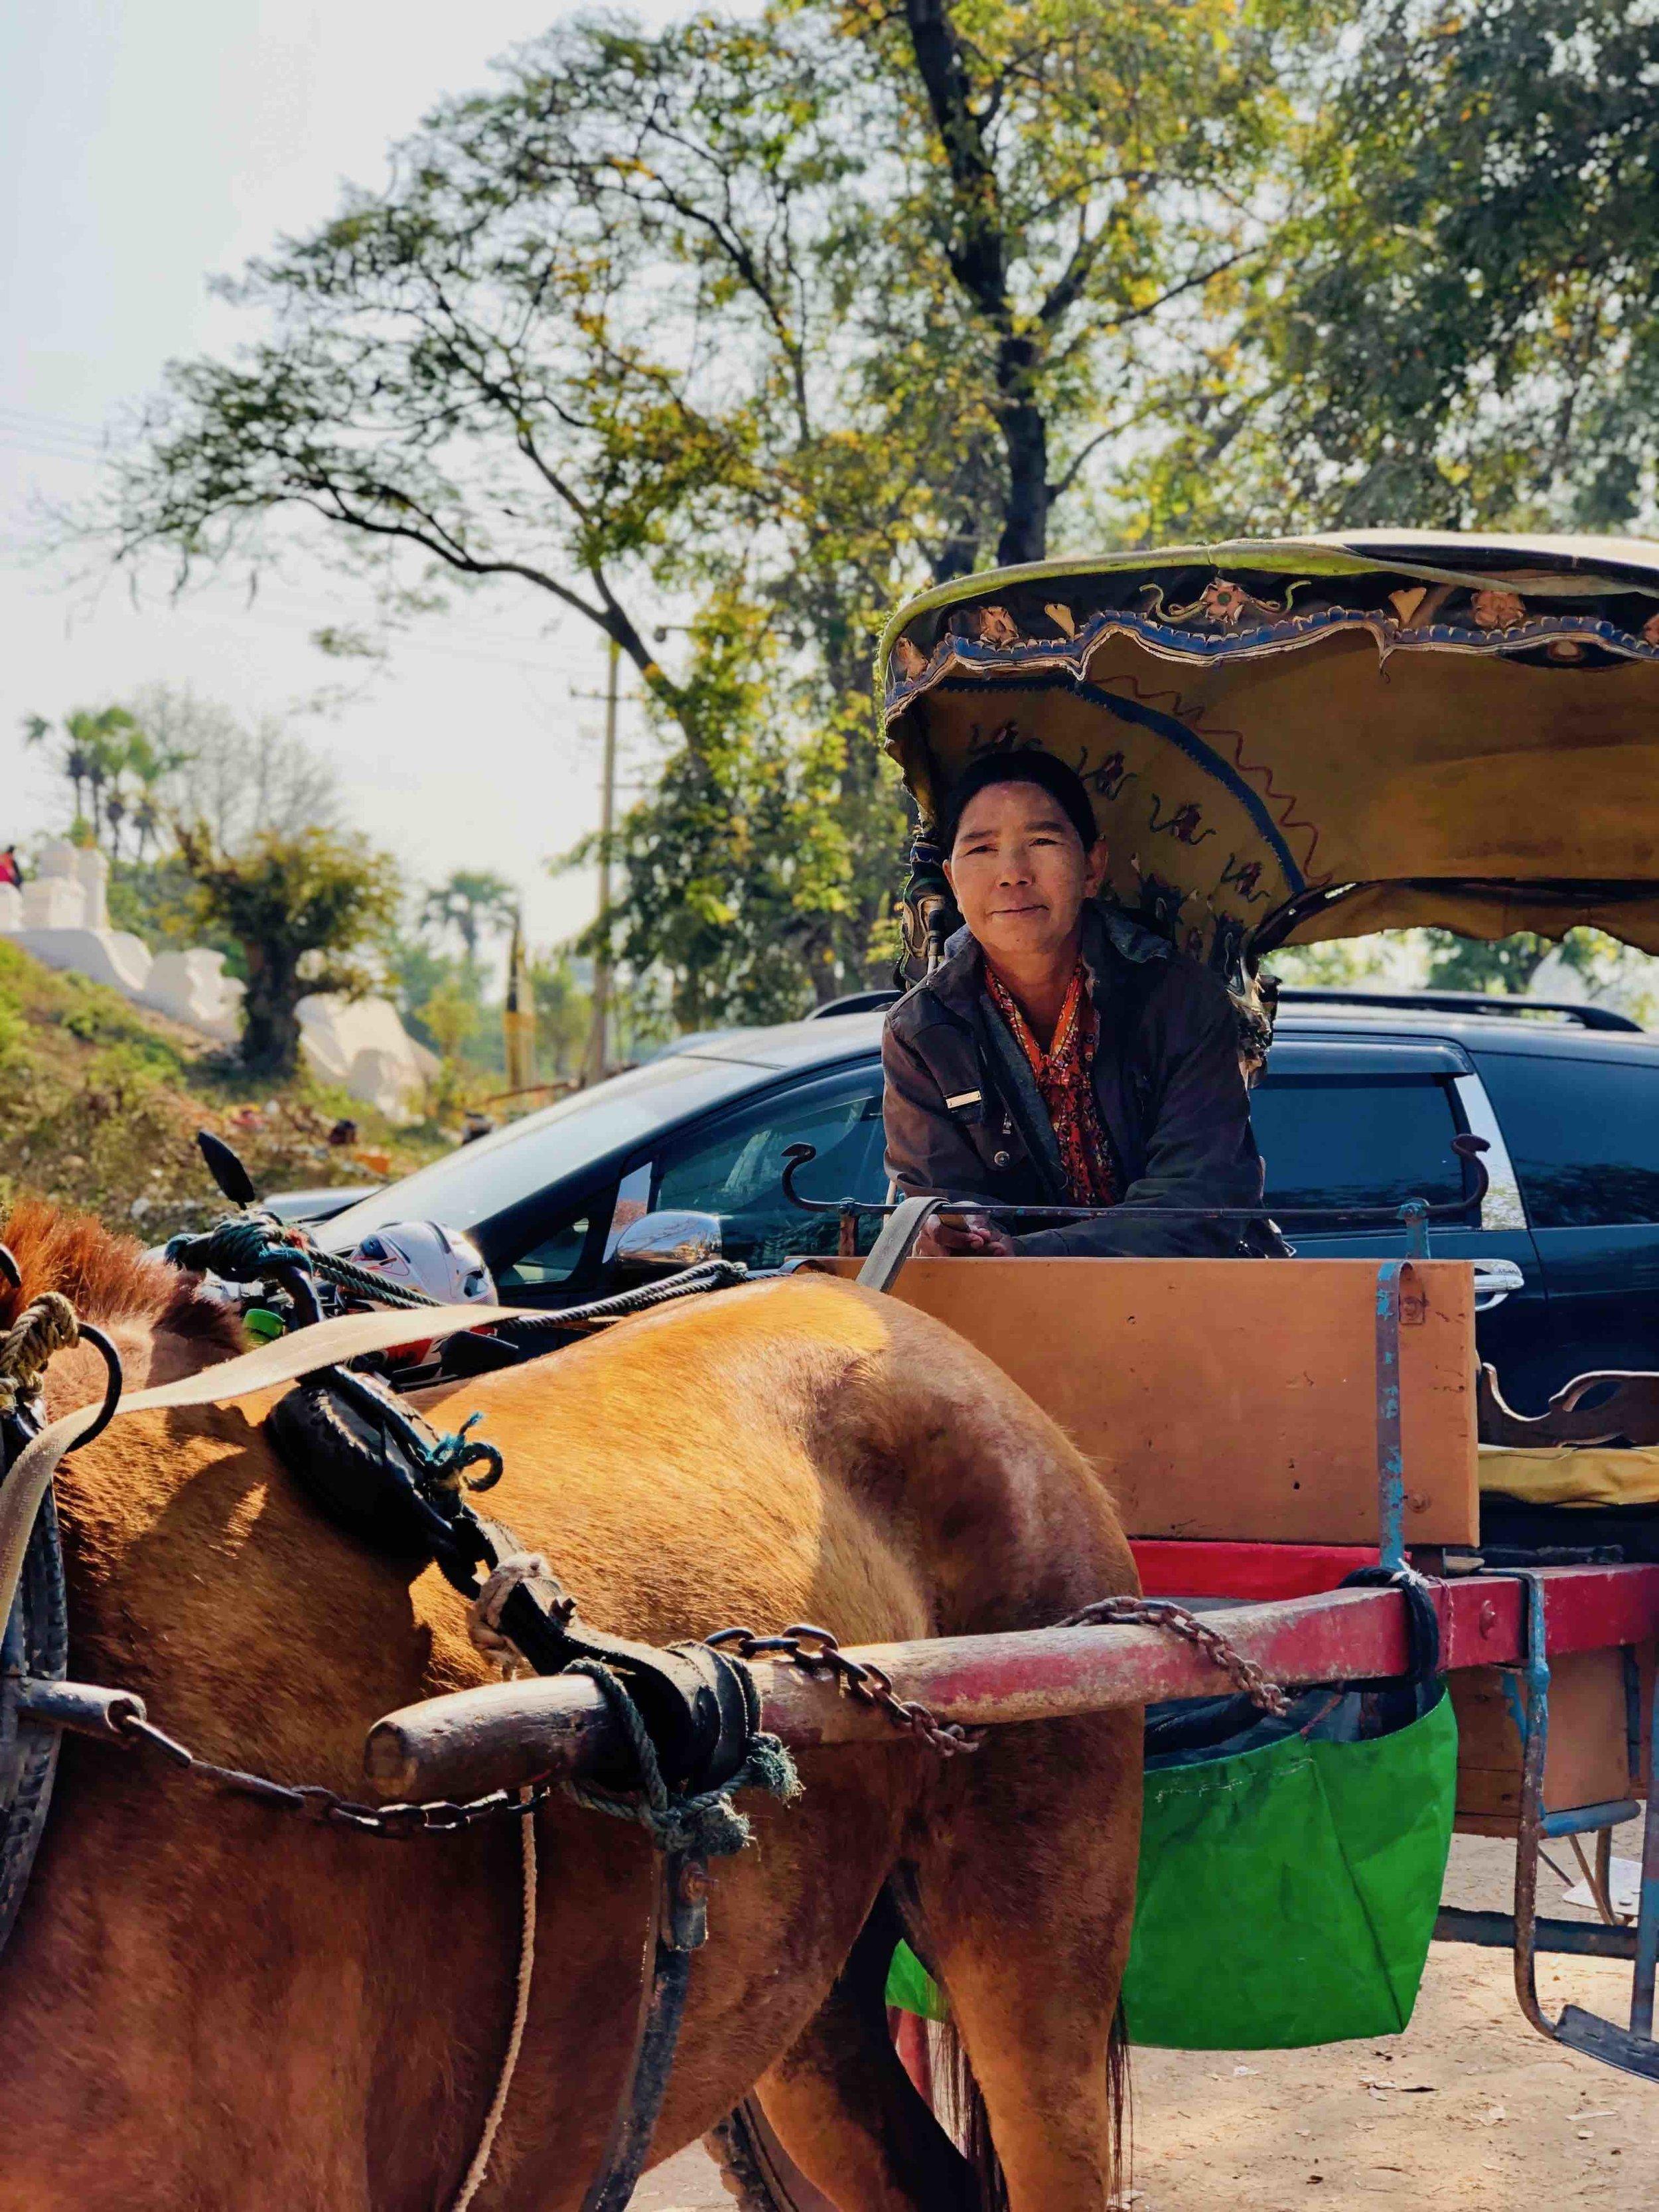 Our ride through Ava